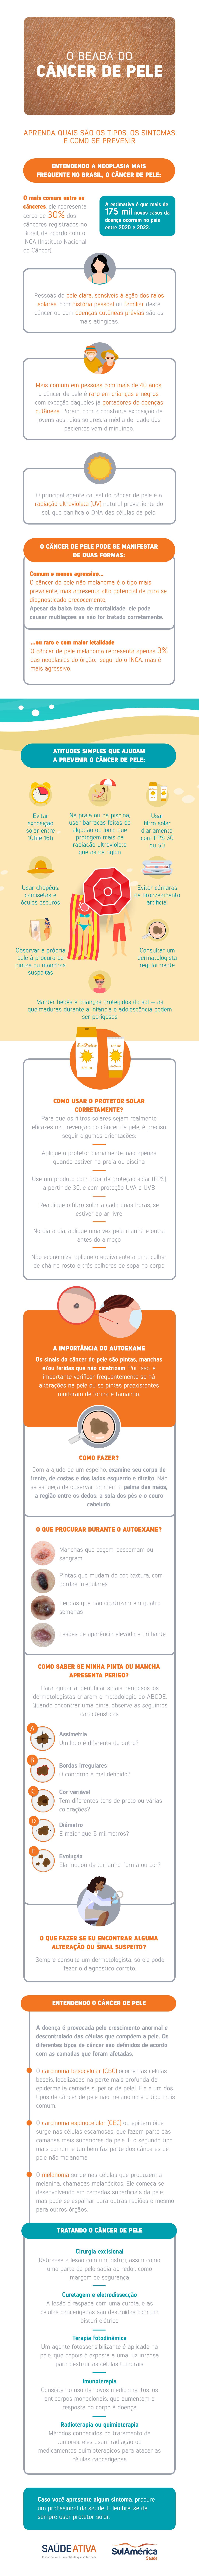 Formato: infográfico O beabá do câncer de pele: aprenda quais são os tipos, os sintomas e como se prevenir [INFOGRÁFICO PRINCIPAL REUNINDO TEXTO E ILUSTRAÇÃO] Entendendo a neoplasia mais frequente no Brasil, o câncer de pele: O mais comum entre os cânceres, ele representa cerca de 30% dos cânceres registrados no Brasil, de acordo com o INCA (Instituto Nacional de Câncer). A estimativa é que mais de 175 mil novos casos da doença ocorram no país entre 2020 e 2022. Pessoas de pele clara, sensíveis à ação dos raios solares, com história pessoal ou familiar deste câncer ou com doenças cutâneas prévias são as mais atingidas Mais comum em pessoas com mais de 40 anos, o câncer de pele é raro em crianças e negros, com exceção daqueles já portadores de doenças cutâneas. Porém, com a constante exposição de jovens aos raios solares, a média de idade dos pacientes vem diminuindo. O principal agente causal do câncer de pele é a radiação ultravioleta (UV) natural proveniente do sol, que danifica o DNA das células da pele. O câncer de pele pode se manifestar de duas formas: Comum e menos agressivo... …ou raro e com maior letalidade O câncer de pele não melanoma é o tipo mais prevalente, mas apresenta alto potencial de cura se diagnosticado precocemente. Apesar da baixa taxa de mortalidade, ele pode causar mutilações se não for tratado corretamente. O câncer de pele melanoma representa apenas 3% das neoplasias do órgão, segundo o INCA, mas é mais agressivo. Atitudes simples que ajudam a prevenir o câncer de pele: Evitar exposição solar entre 10h e 16h Usar filtro solar diariamente, com FPS 30 ou 50 Usar chapéus, camisetas e óculos escuros Na praia ou na piscina, usar barracas feitas de algodão ou lona, que protegem mais da radiação ultravioleta que as de nylon Manter bebês e crianças protegidos do sol — as queimaduras durante a infância e adolescência podem ser perigosas Evitar câmaras de bronzeamento artificial Consultar um dermatologista regularmente Observar a própria pele à proc